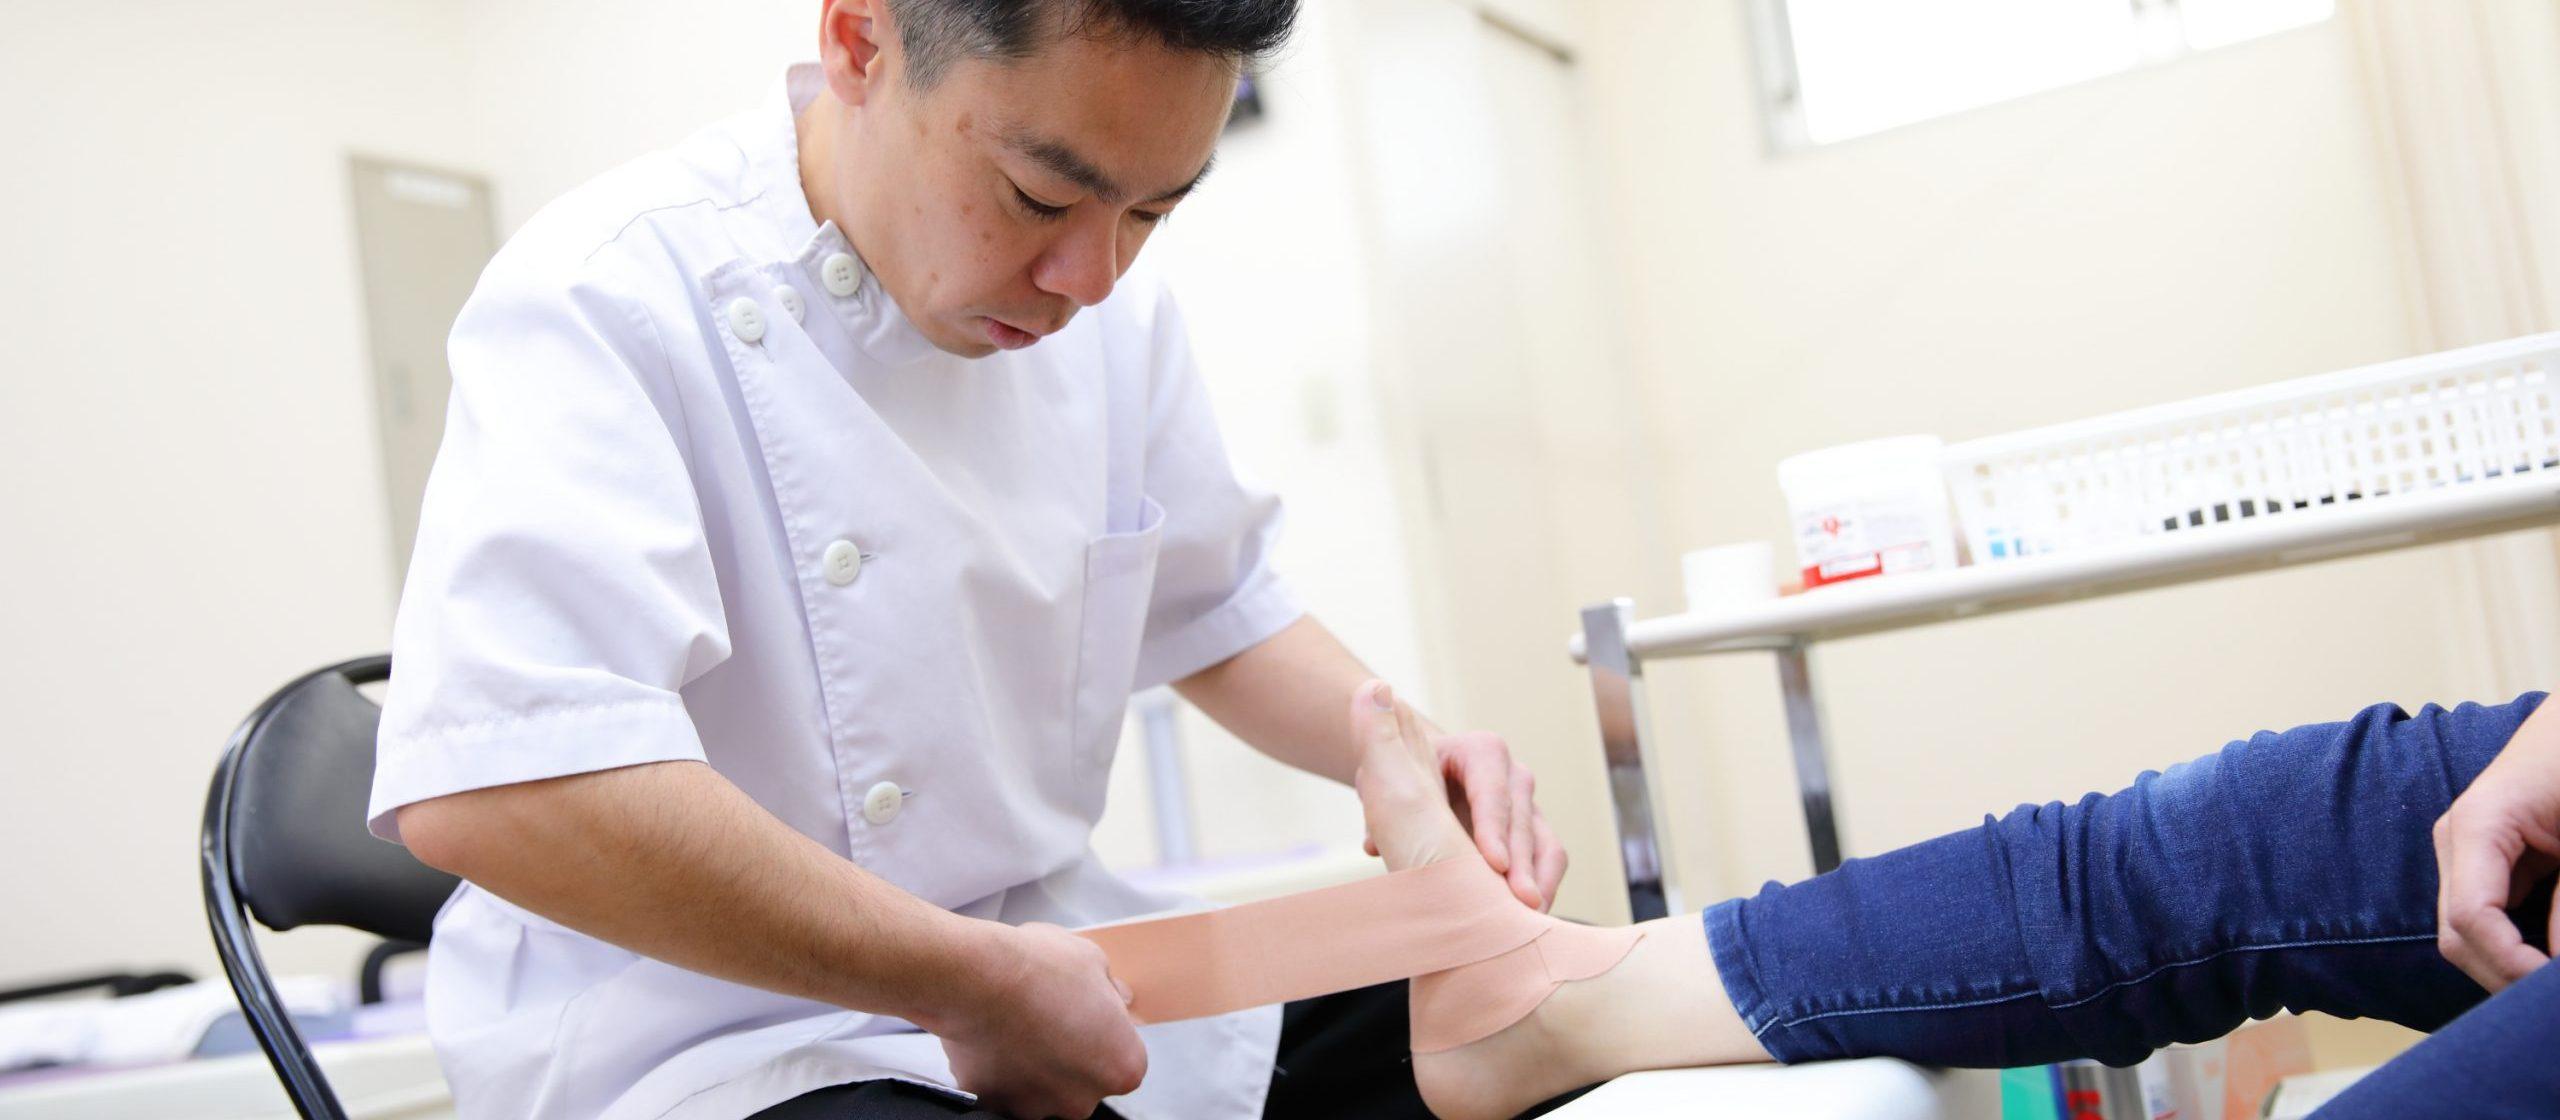 ケガの症状|整形外科と併用できる戸田市まつなが接骨院